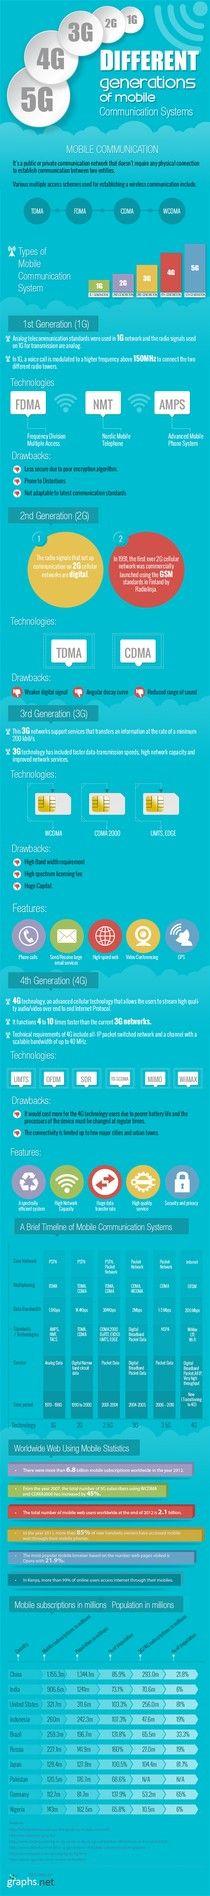 Carateristicas de las distintas generaciones de Moviles (1G, 2G, 3G, 4G) en una sola #Infografia kcy.me/s3ia